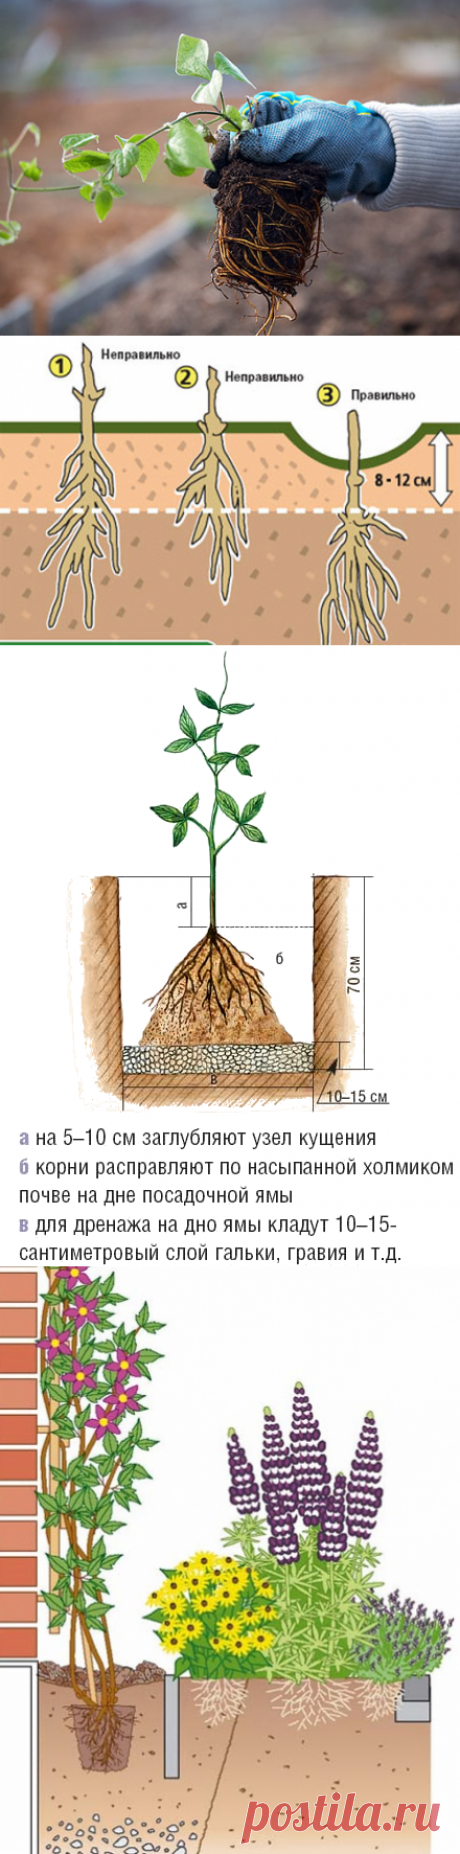 Как правильно посадить клематис. Где и как посадить клематисы